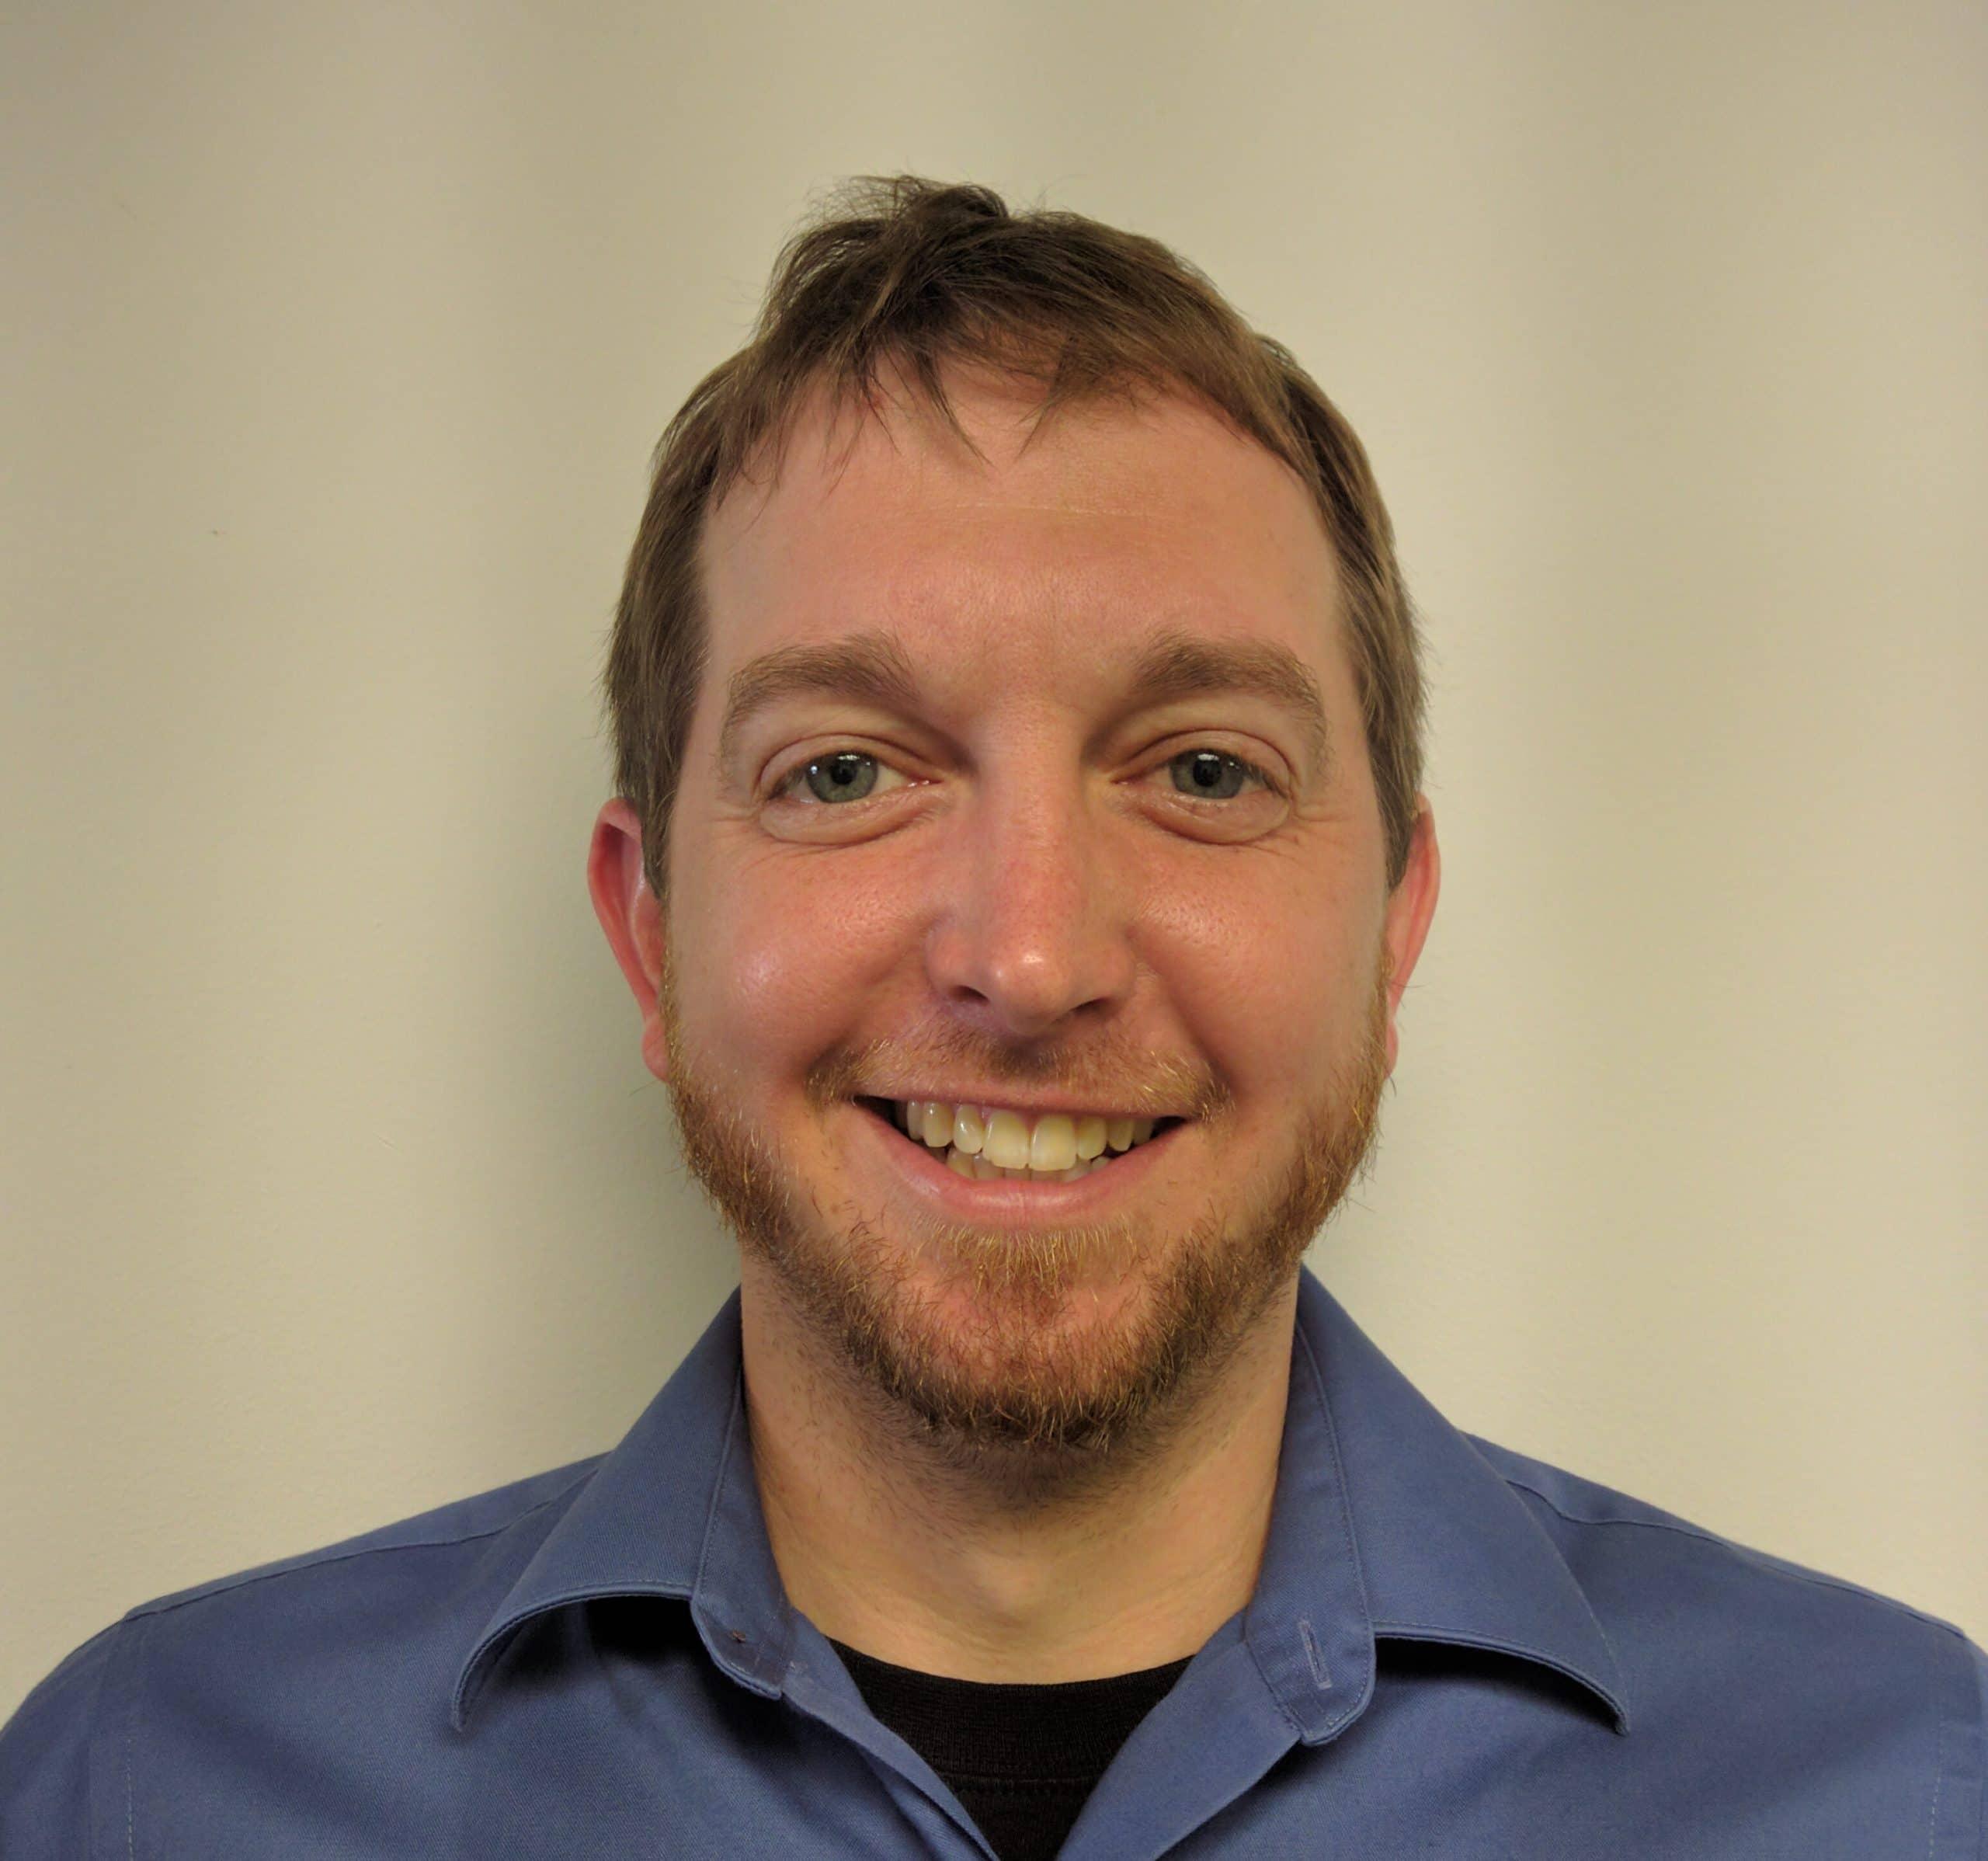 Matt Munchel